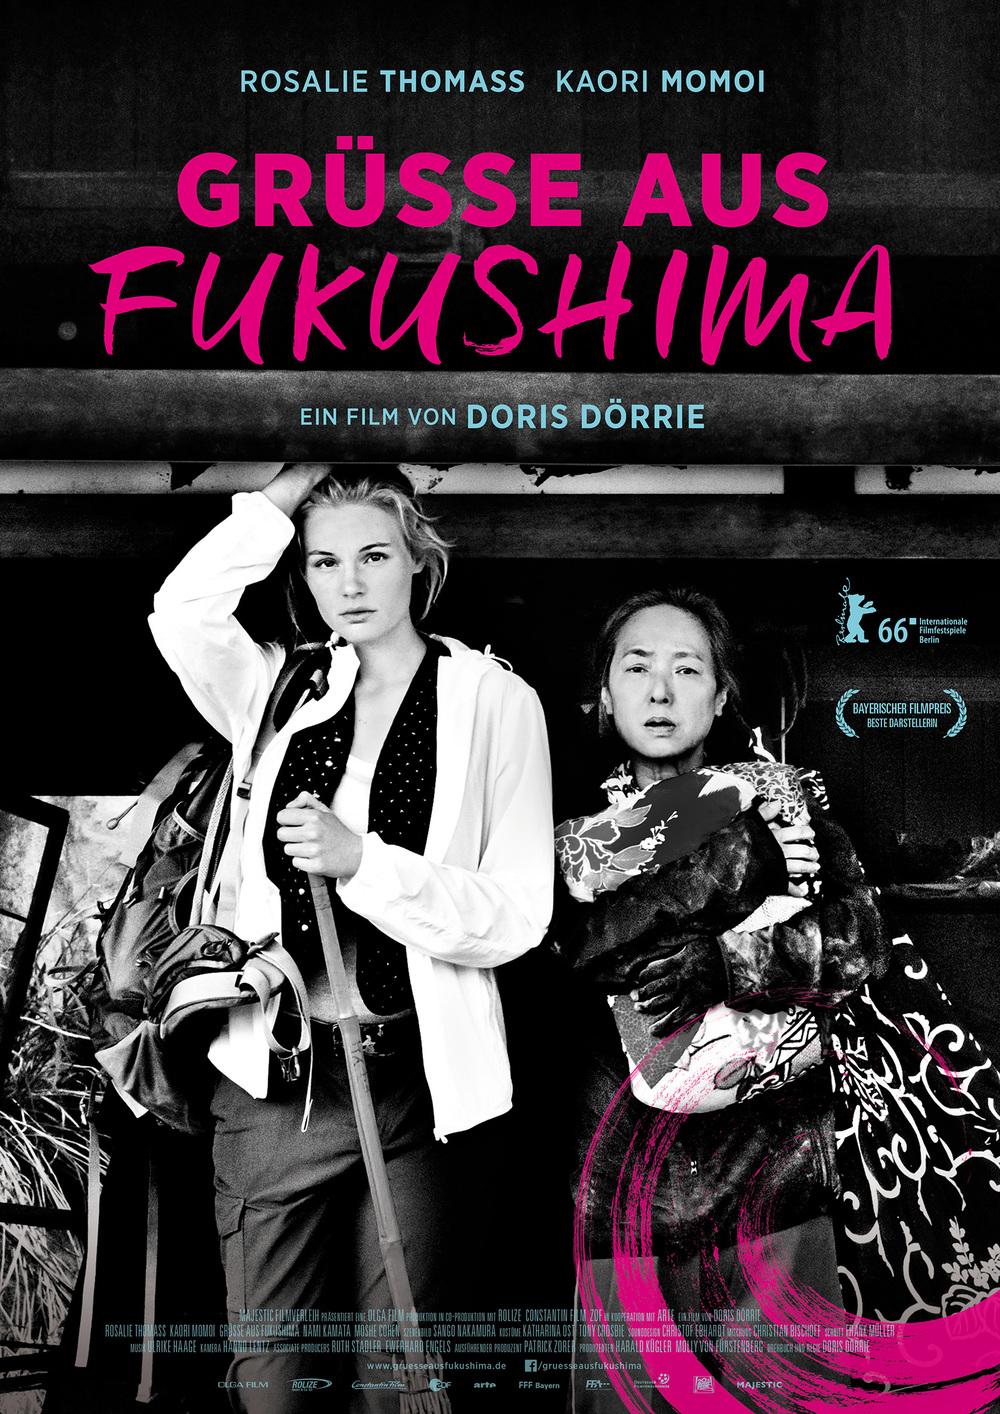 GruesseAusFukushima.jpg